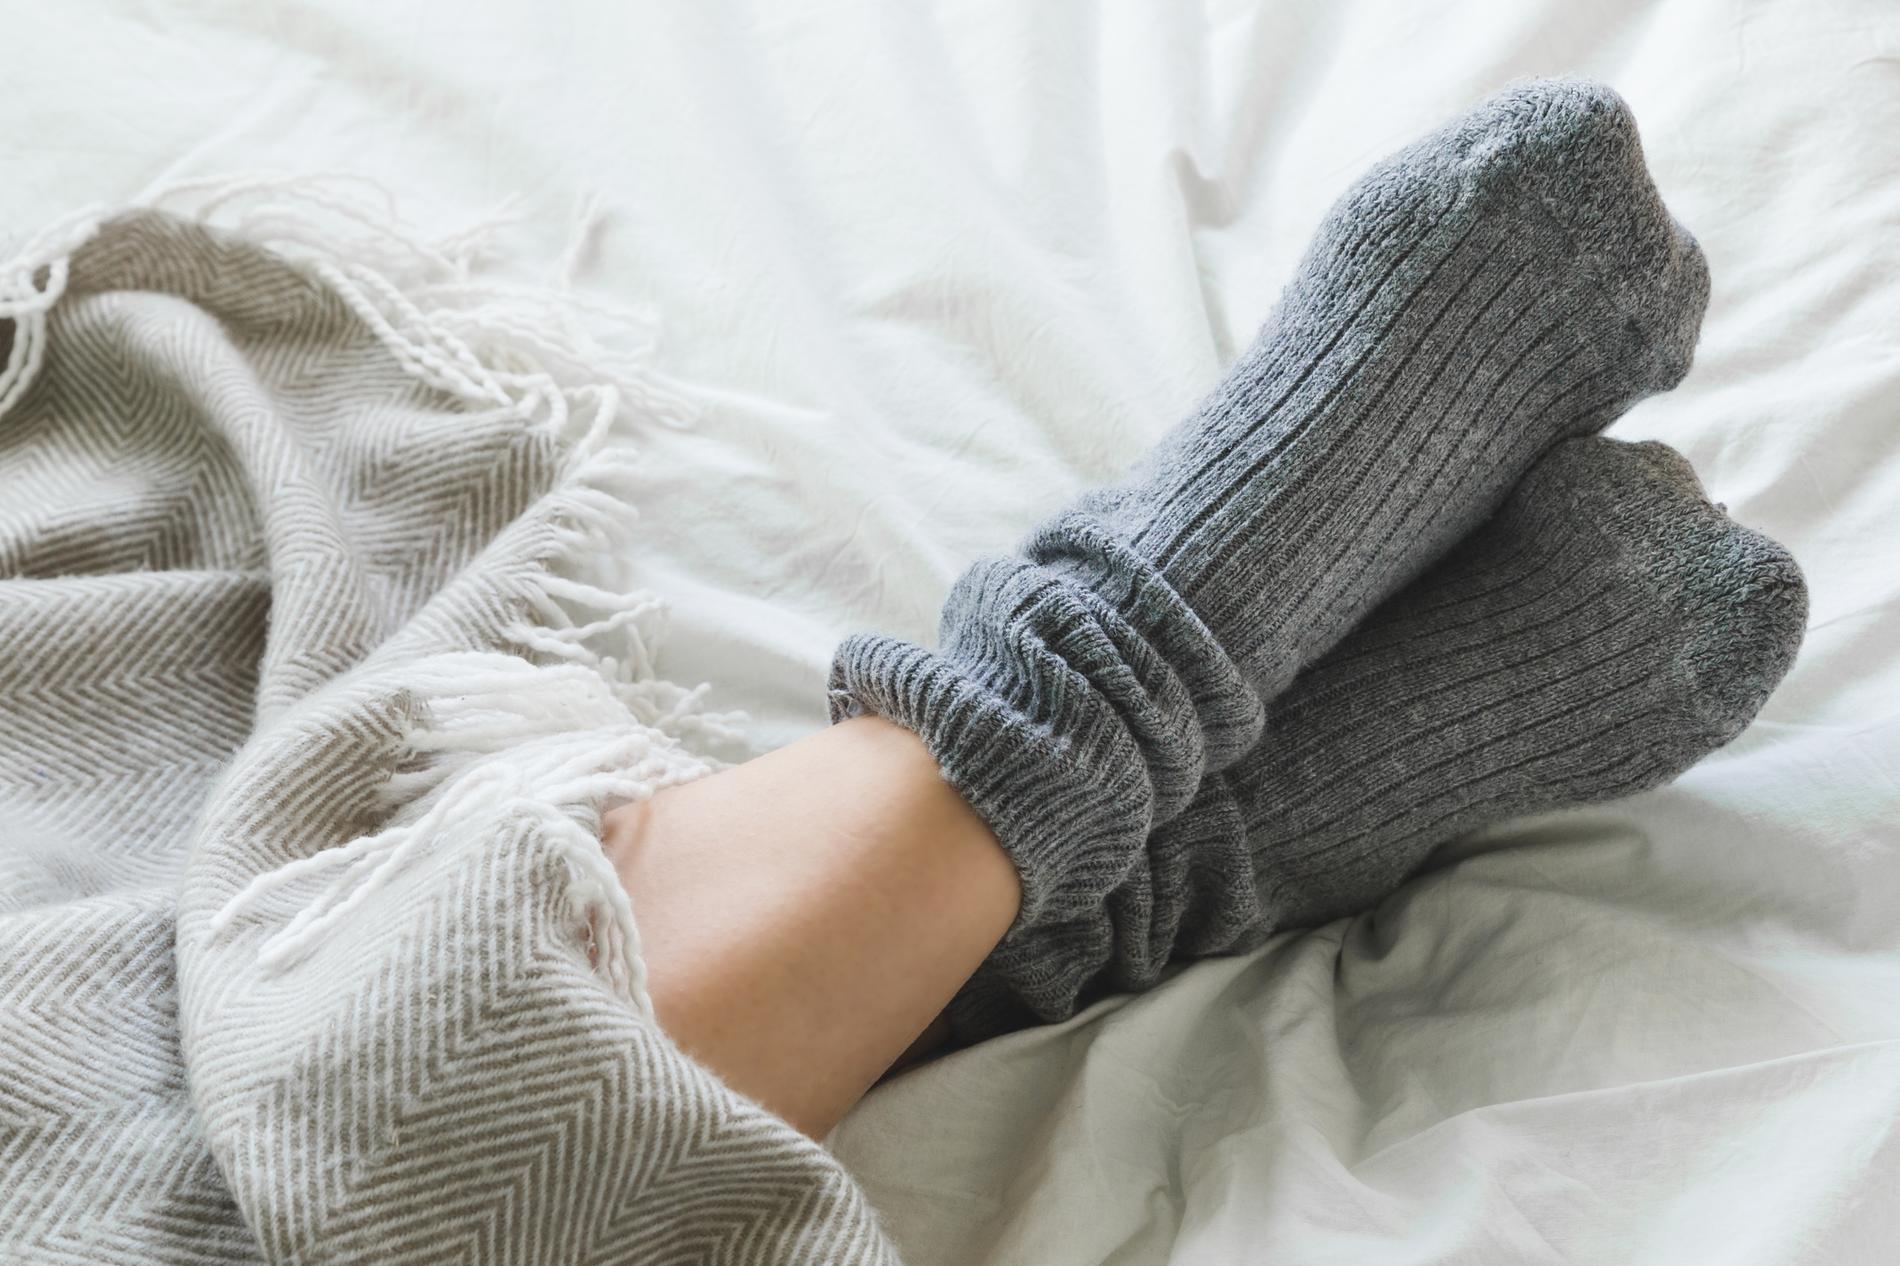 énorme réduction 14351 3a77c Dormir en chaussettes améliore-t-il la qualité du sommeil ...